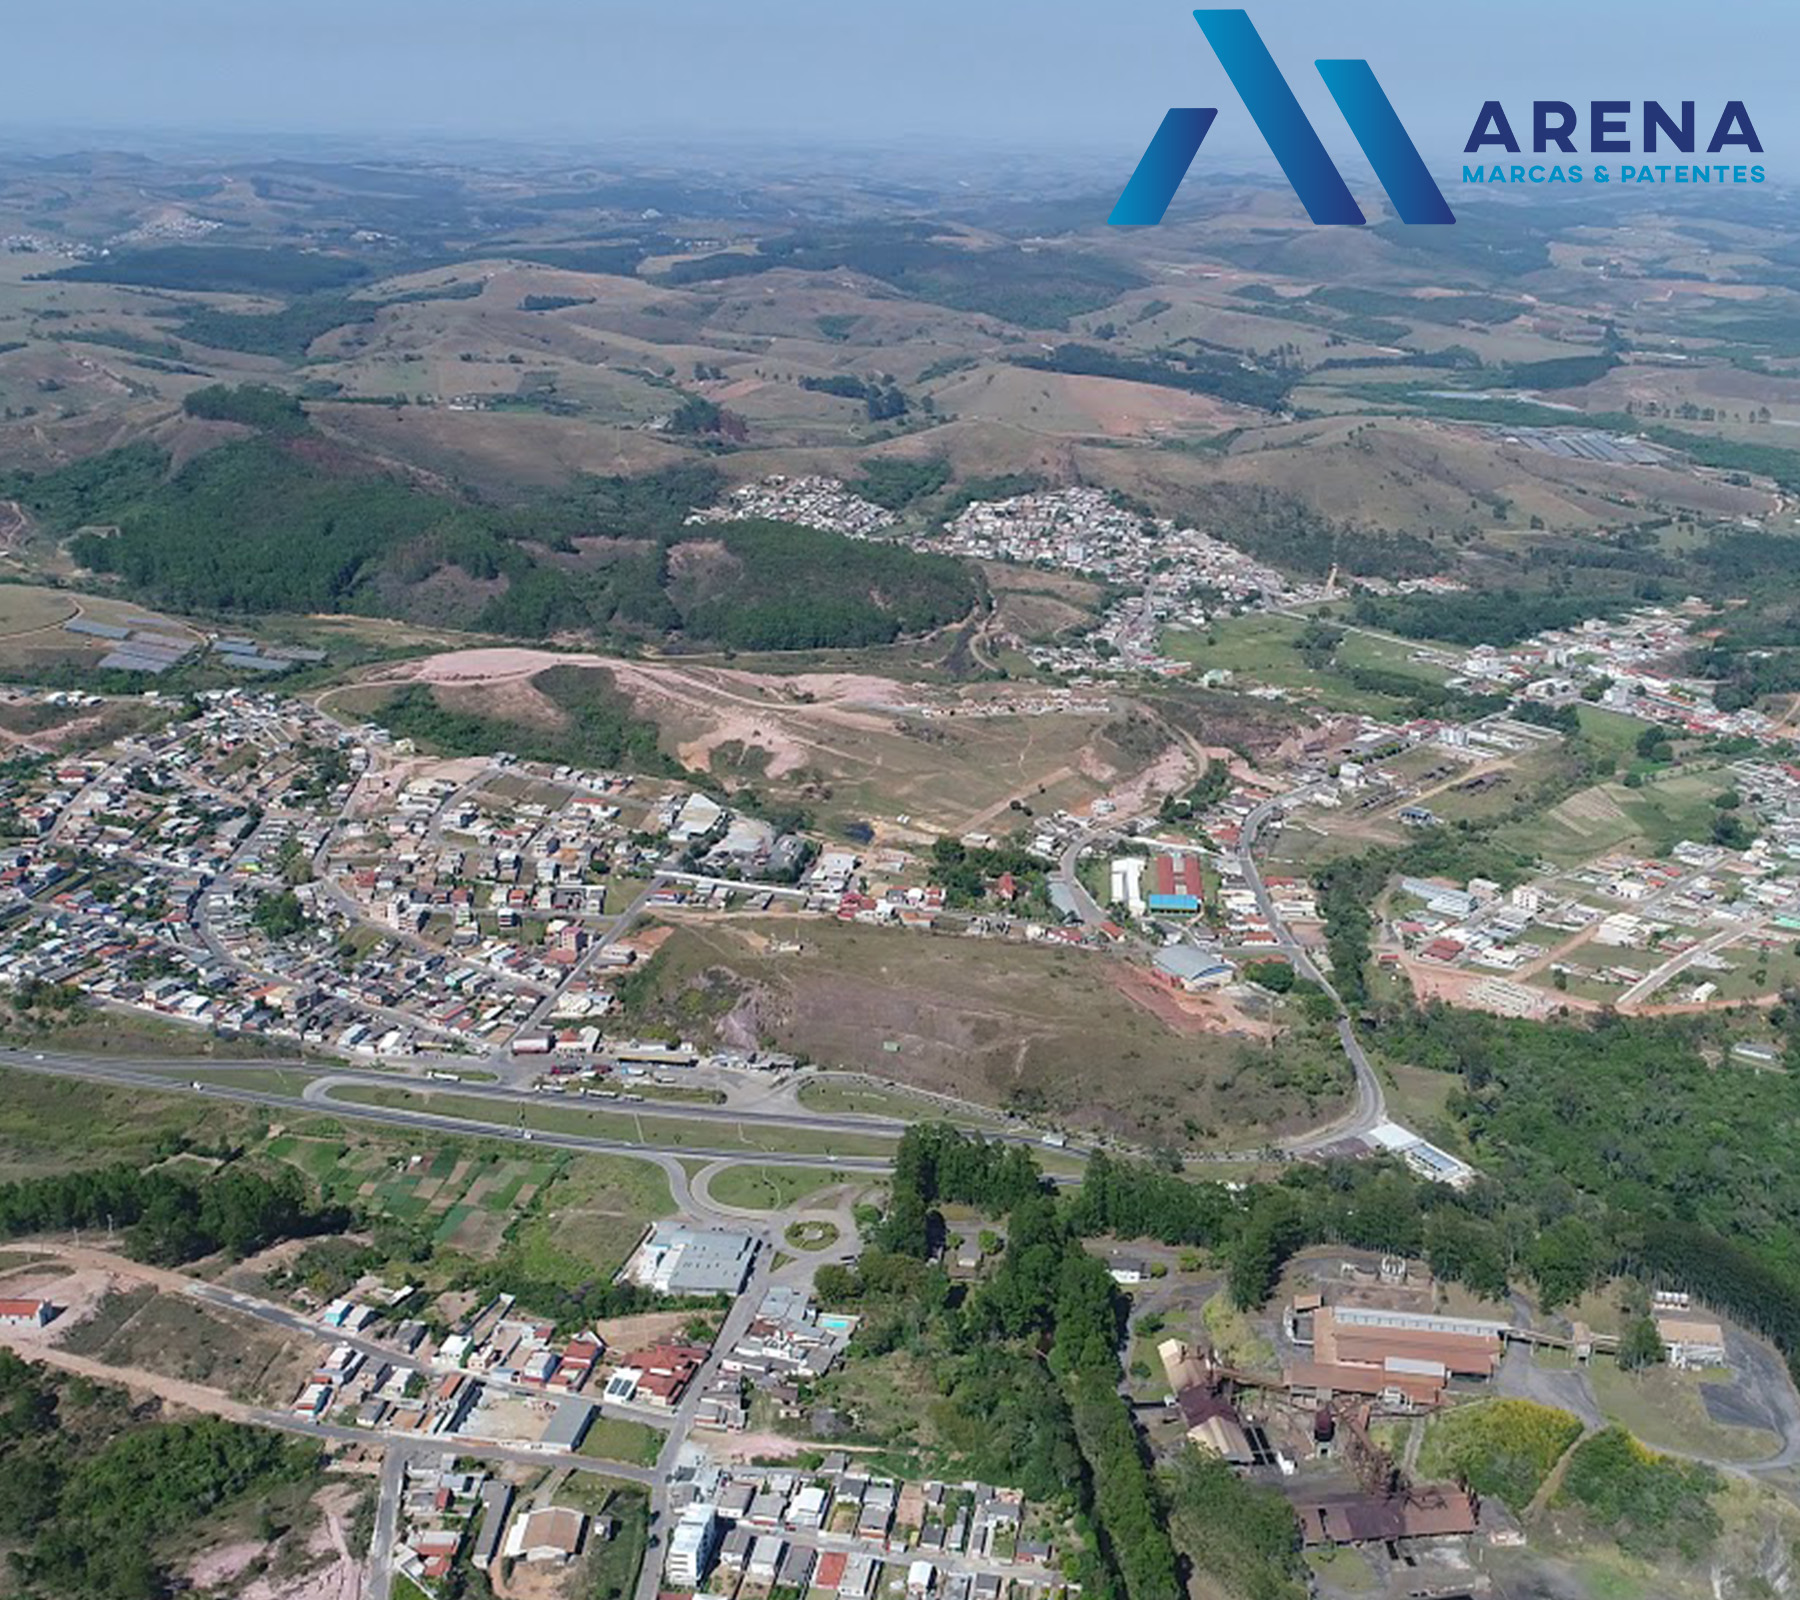 Alfredo Vasconcelos Minas Gerais fonte: websites.arenamarcas.com.br